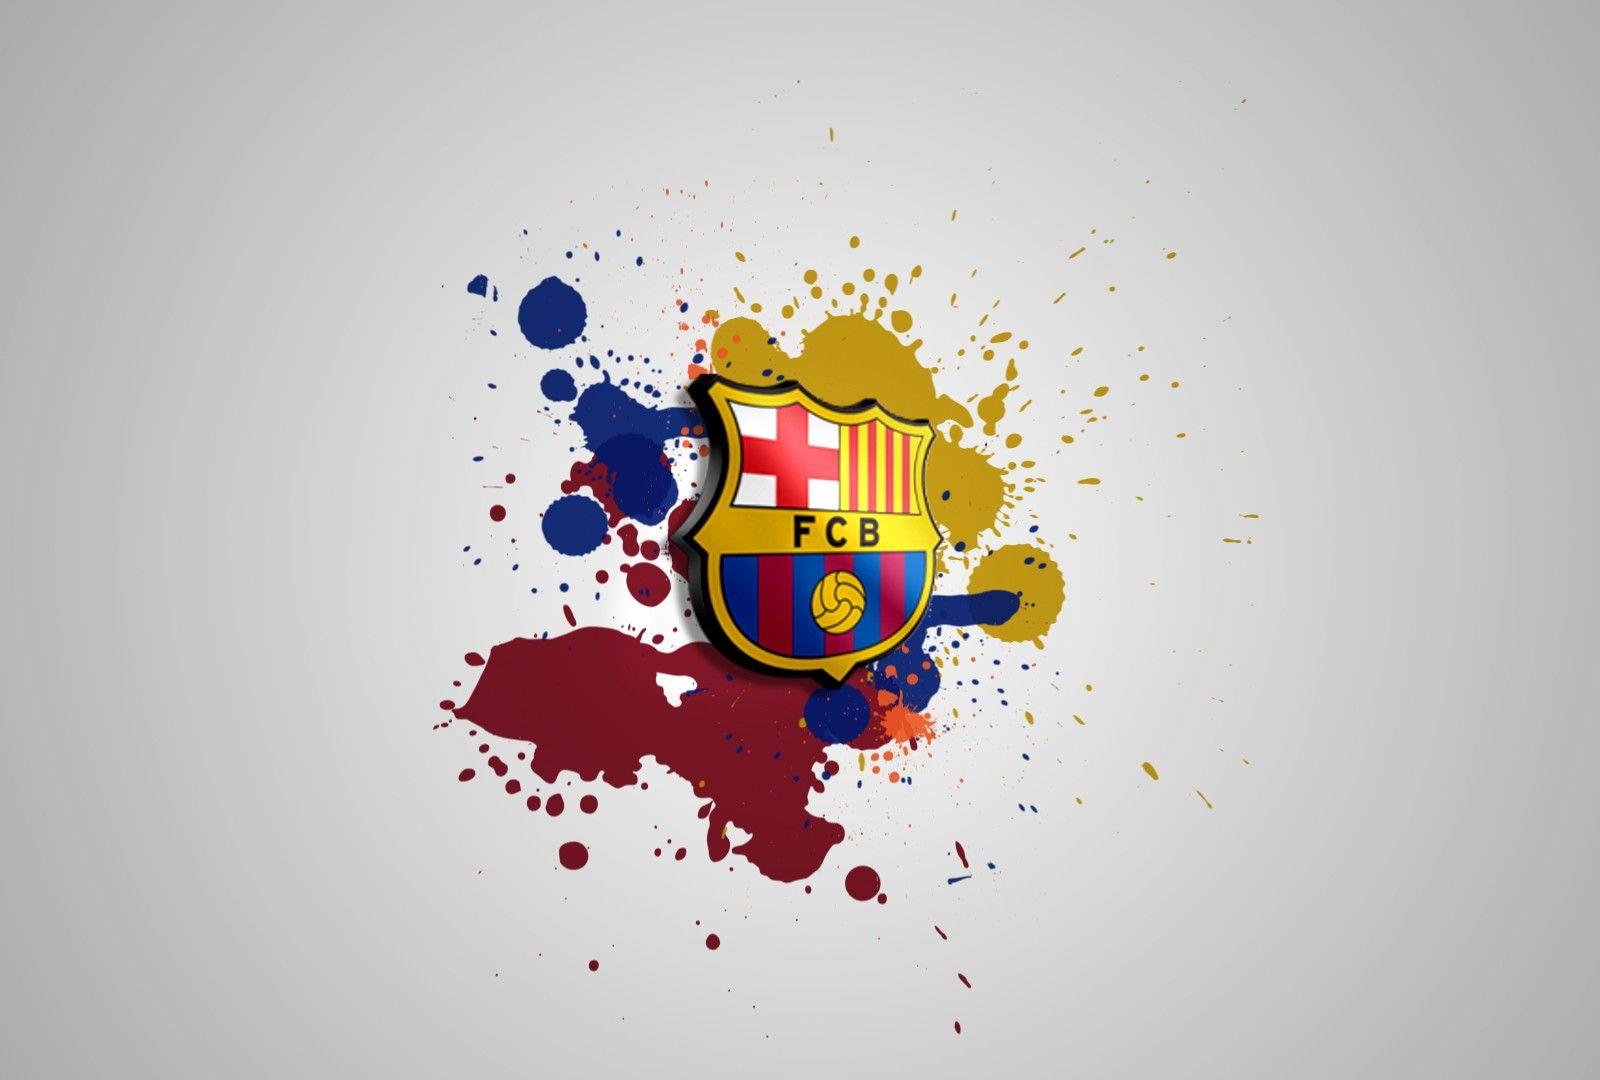 Fondos De Pantalla Del Fútbol Club Barcelona Wallpapers: Download FC Barcelona Logo Wallpaper HD